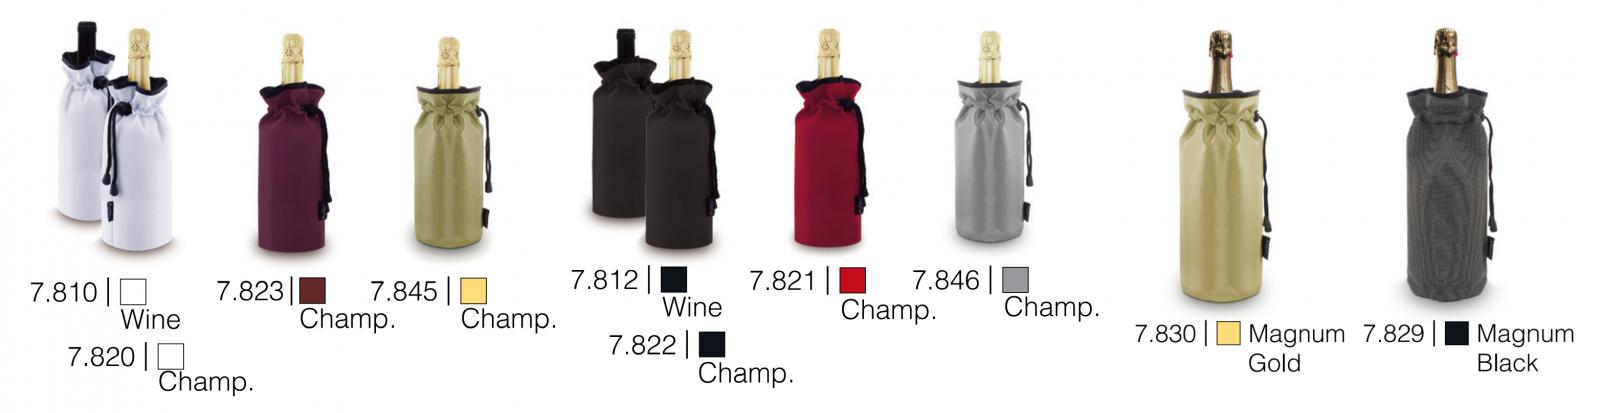 Rinfresca Bottiglie Vino